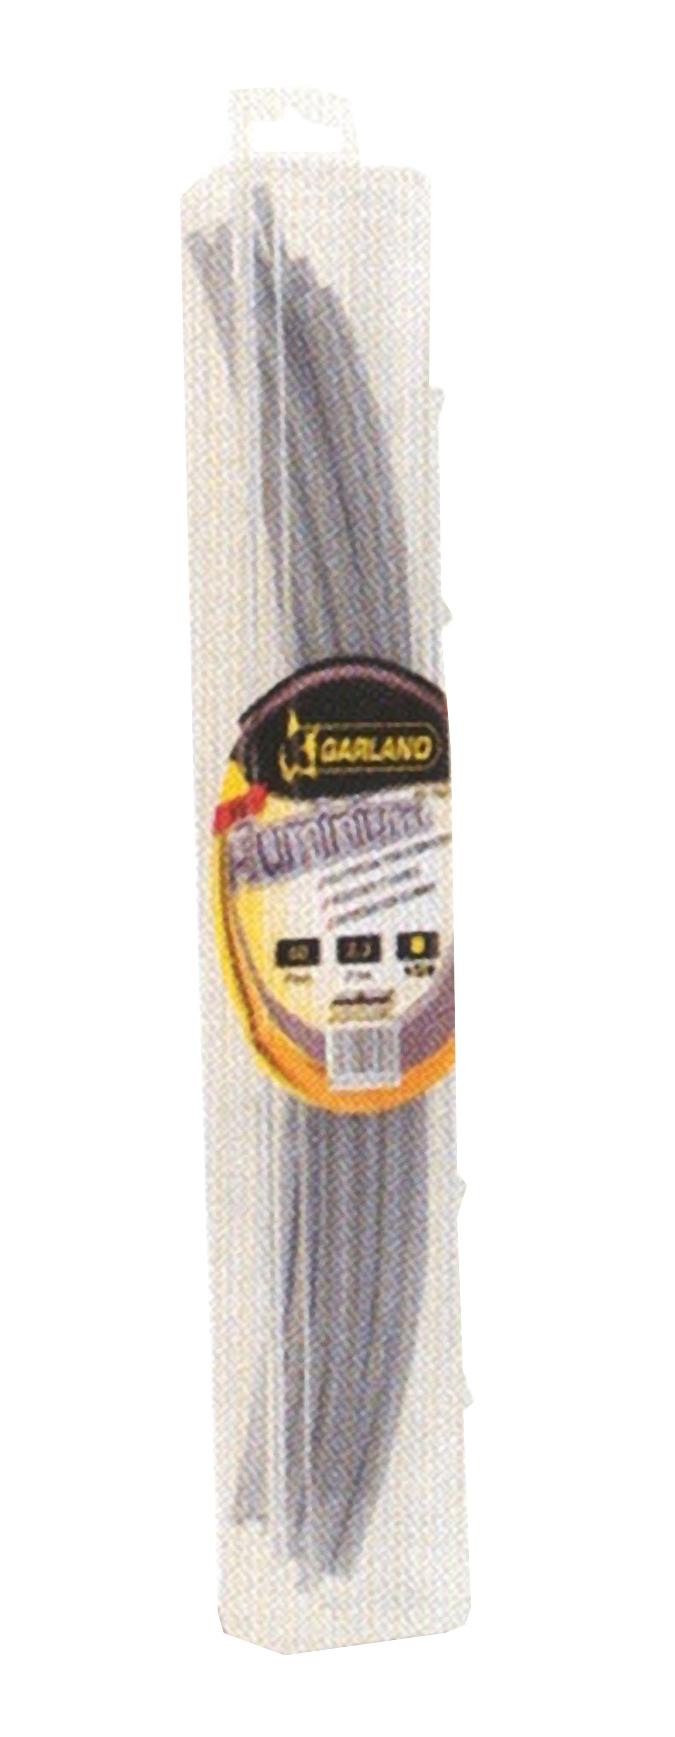 Hilo de nylon cortado extra pro garland ref 71022c2840 - Cortar hierba alta ...